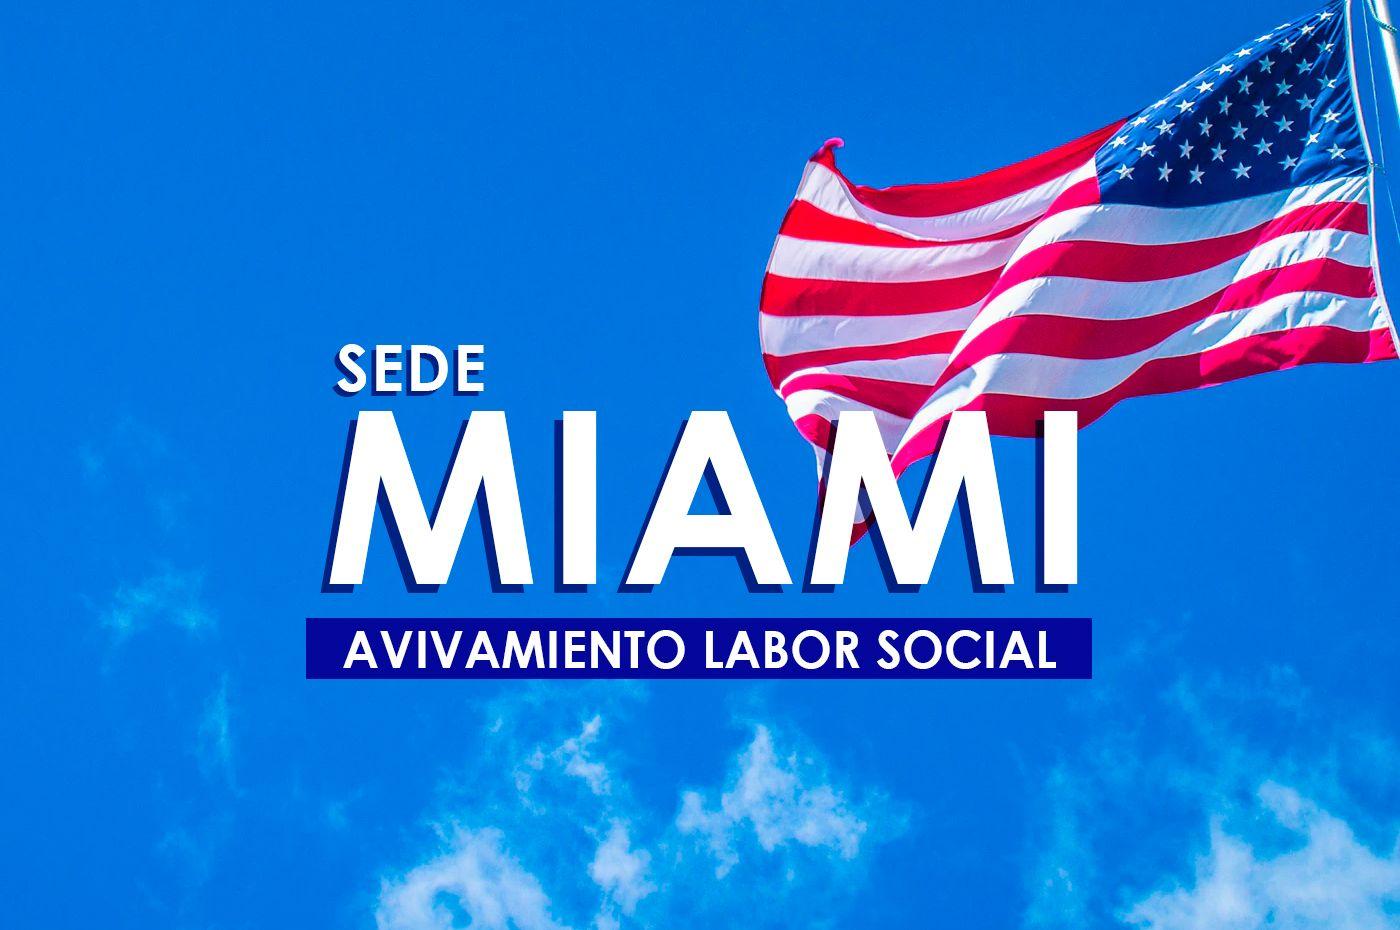 Avivamiento Miami reparte mercados a los más necesitados